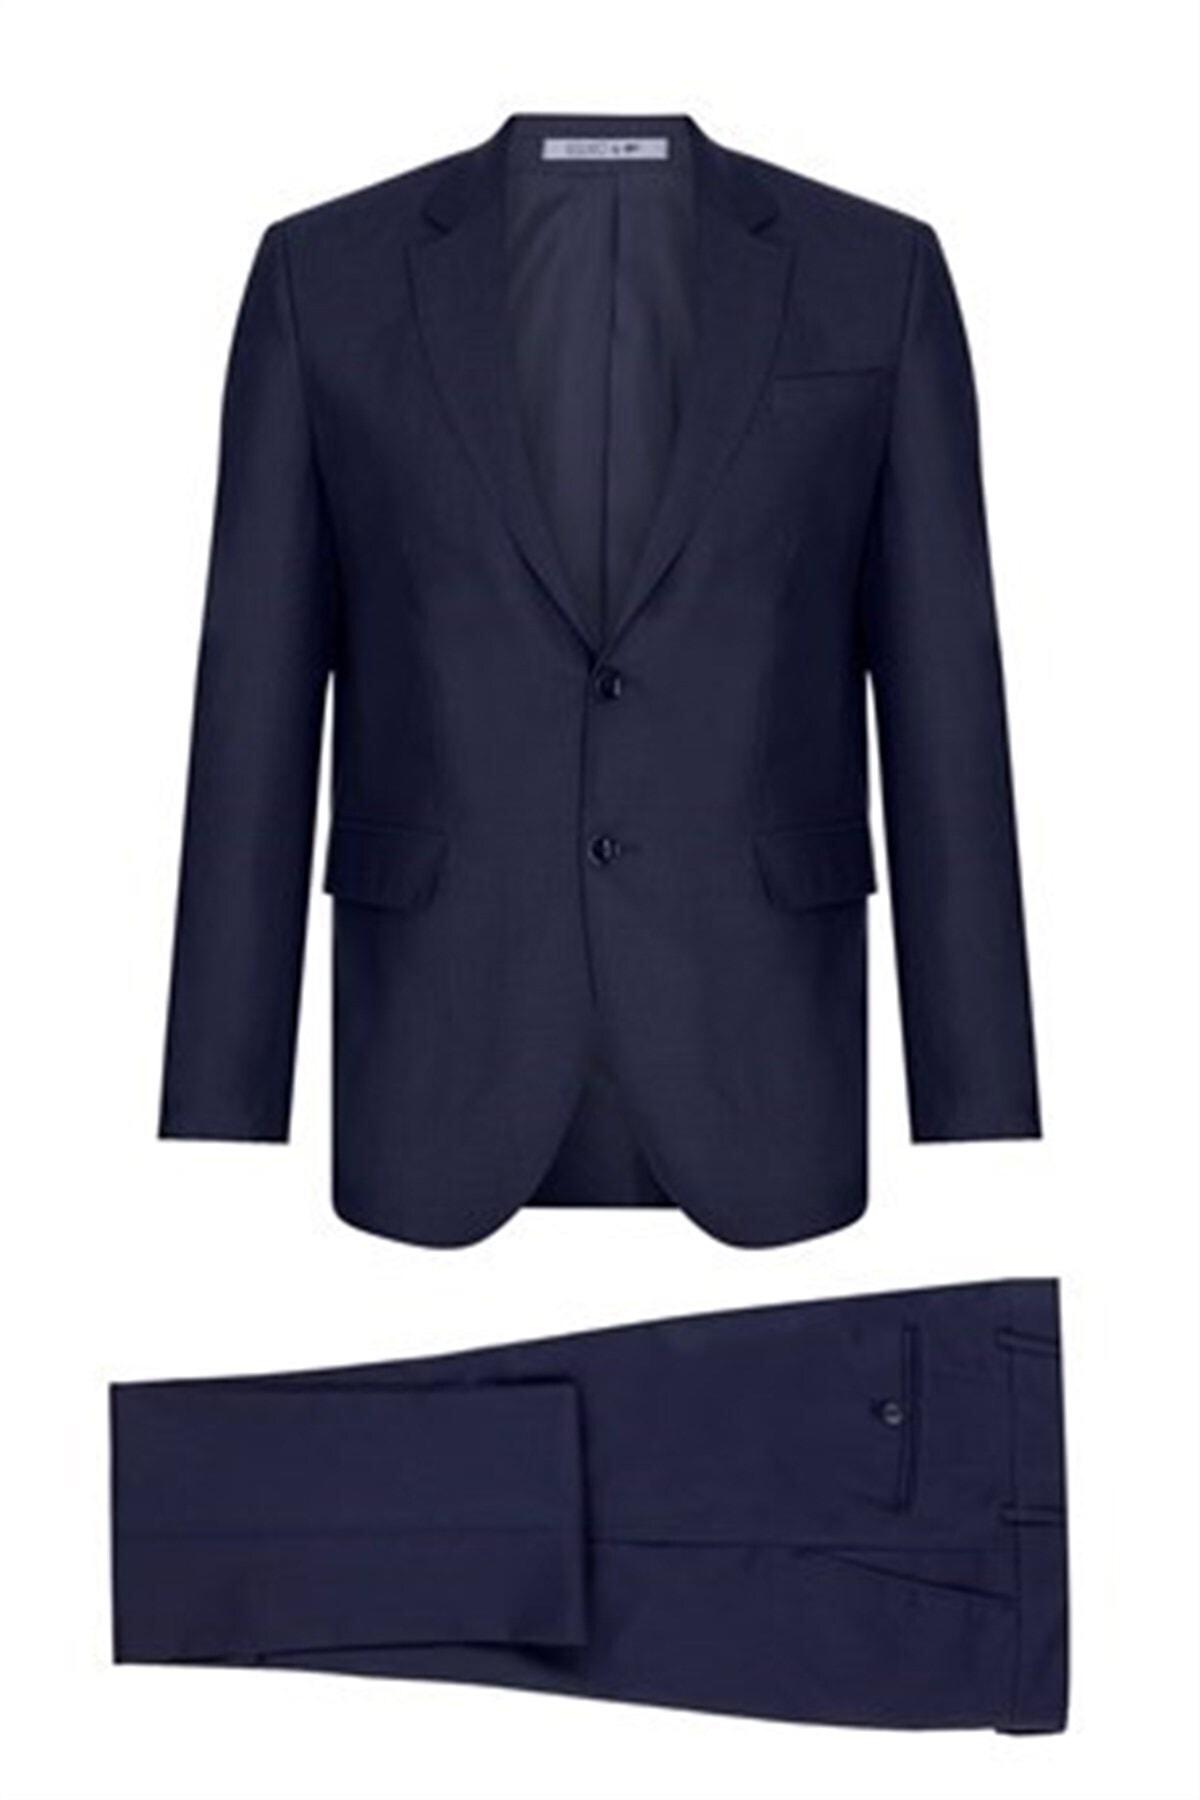 İgs Erkek Lacivert Slım Fıt / Dar Kalıp Std Takım Elbise 1